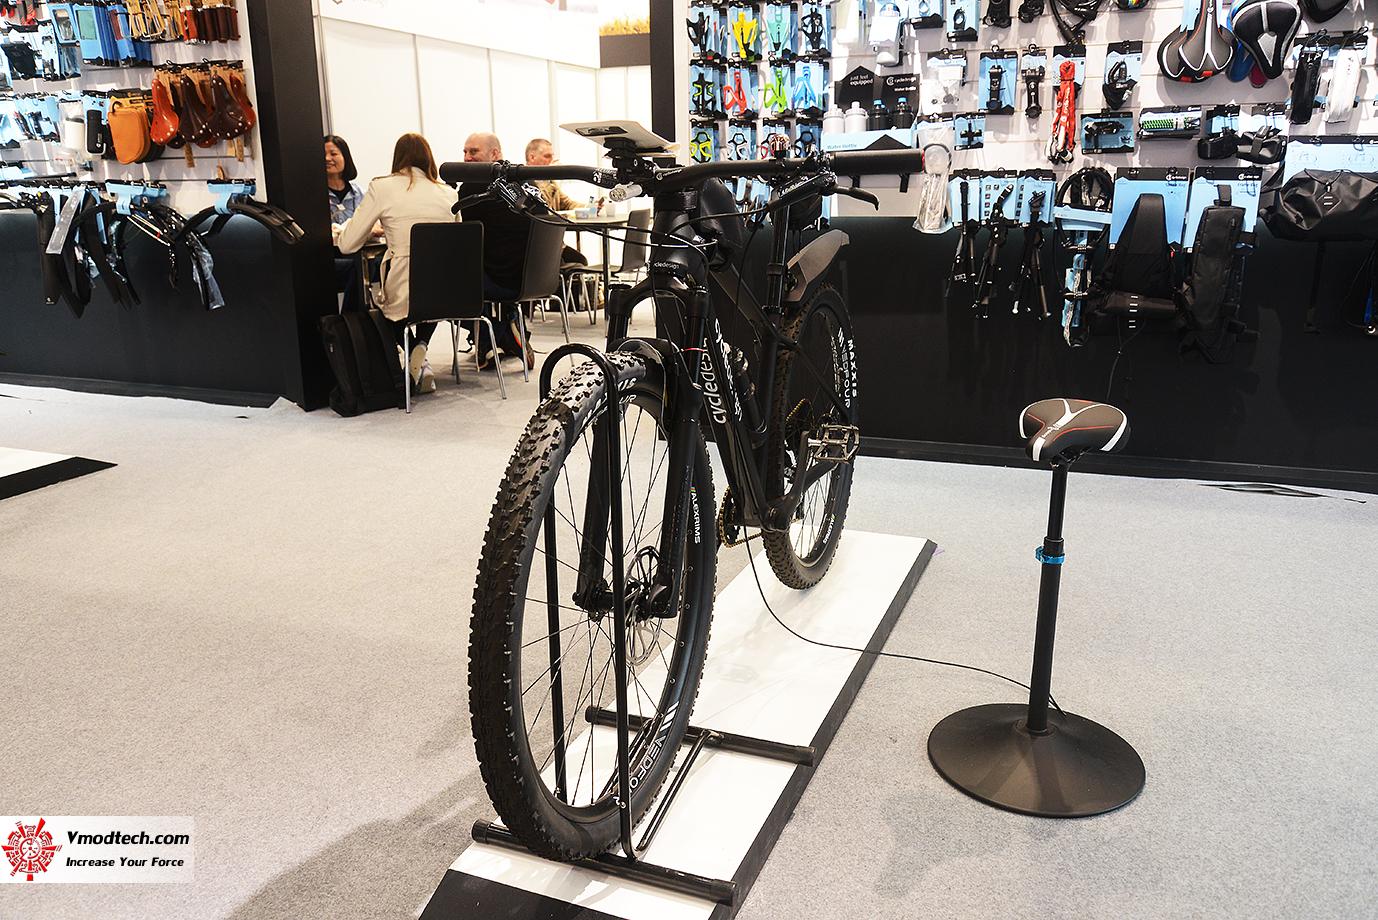 dsc 9171 เยี่ยมชมงาน TAIPEI CYCLE 2019 งานของคนรักจักรยาน ณ กรุงไทเป ประเทศไต้หวัน